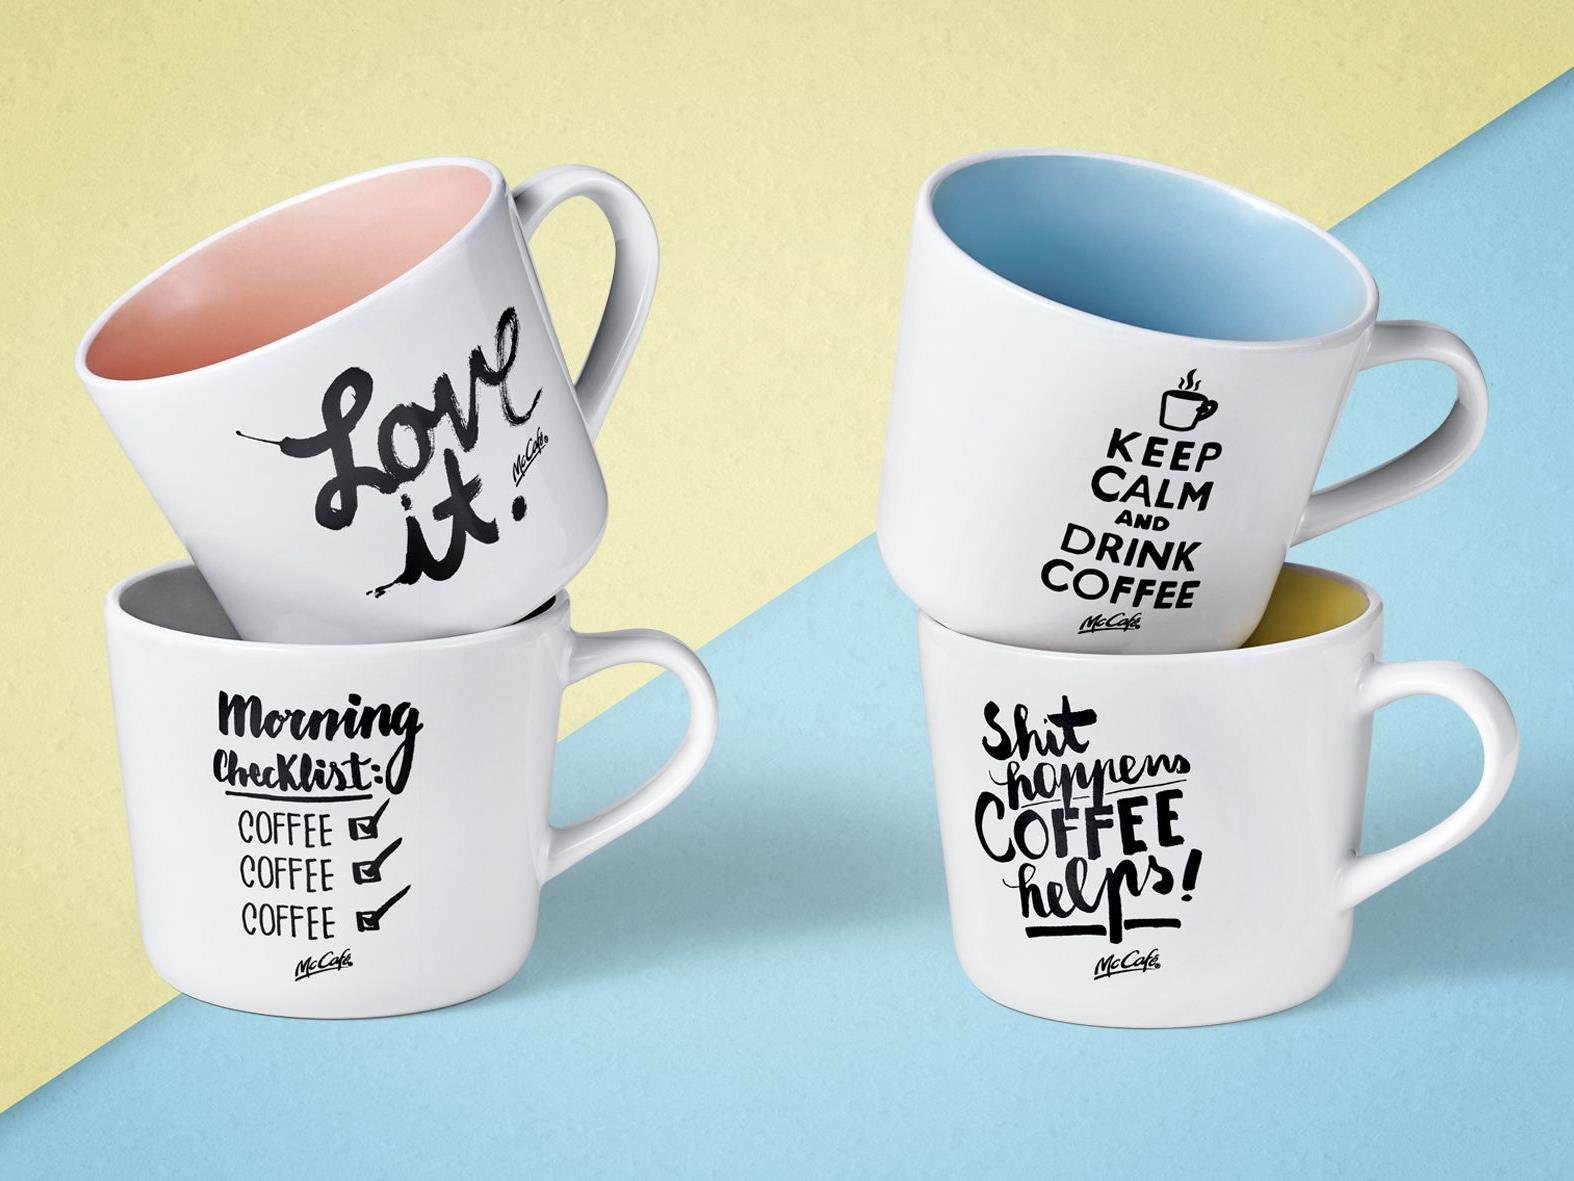 neue tassen zu kaffee kuchen kombis bei mccaf. Black Bedroom Furniture Sets. Home Design Ideas